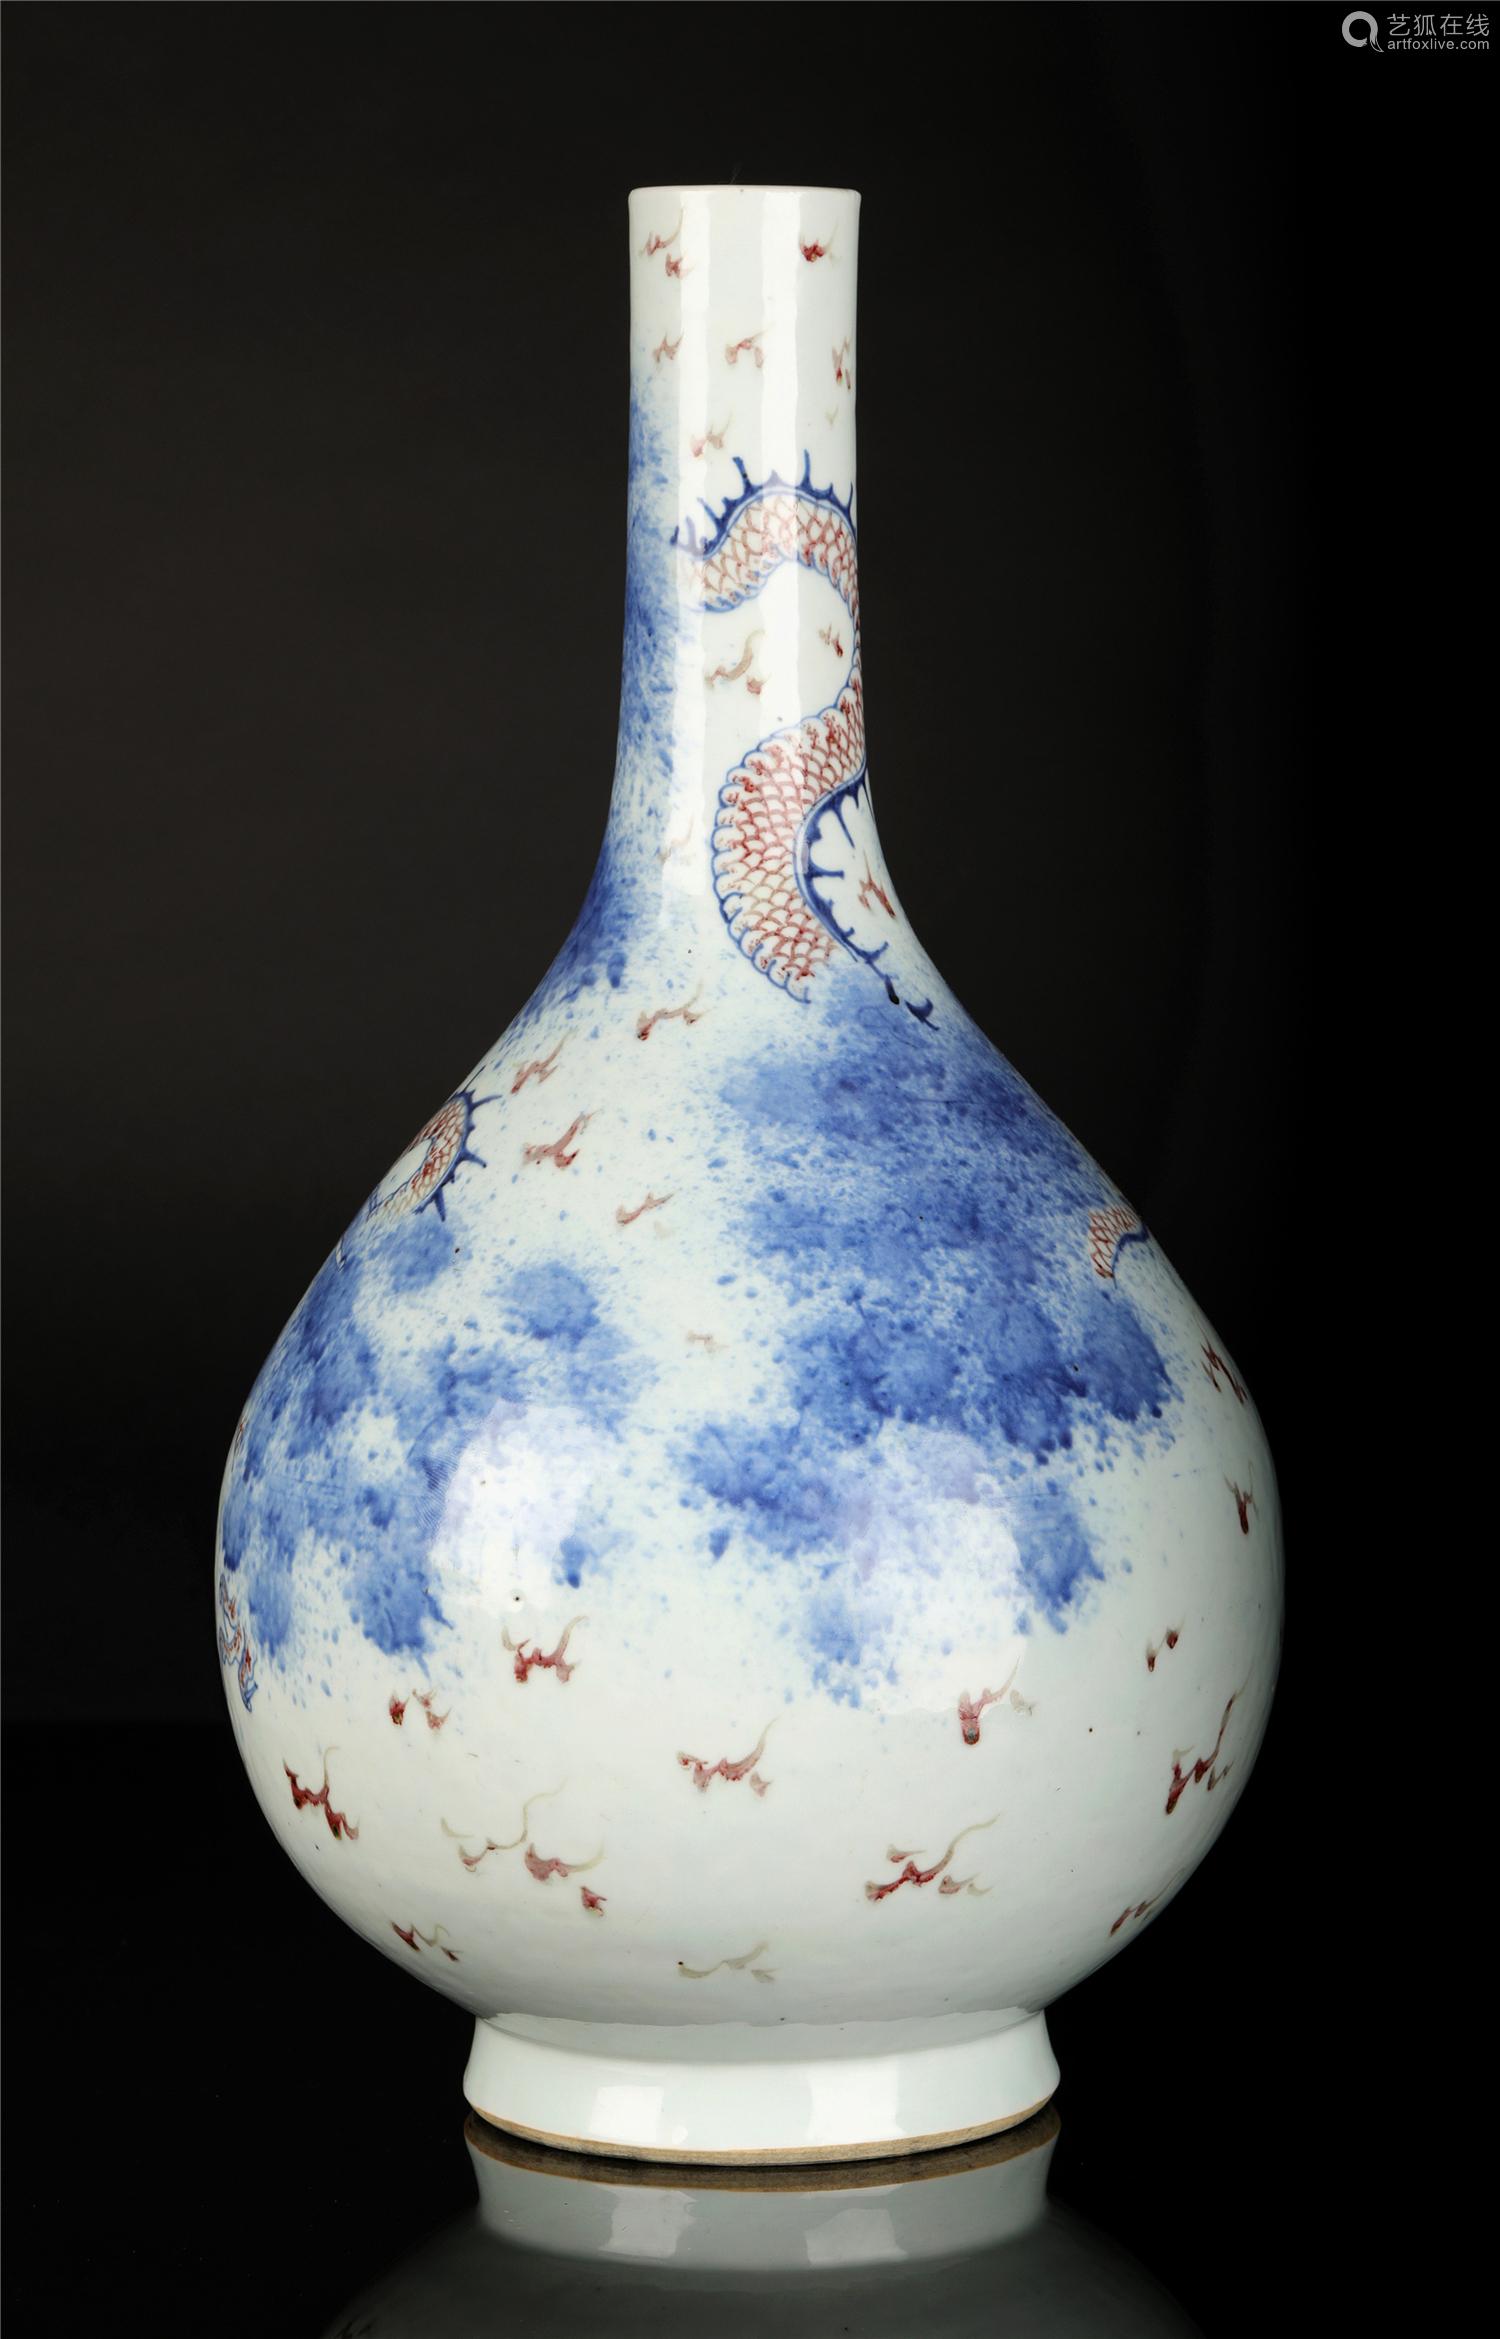 清 青花釉里红龙纹胆瓶